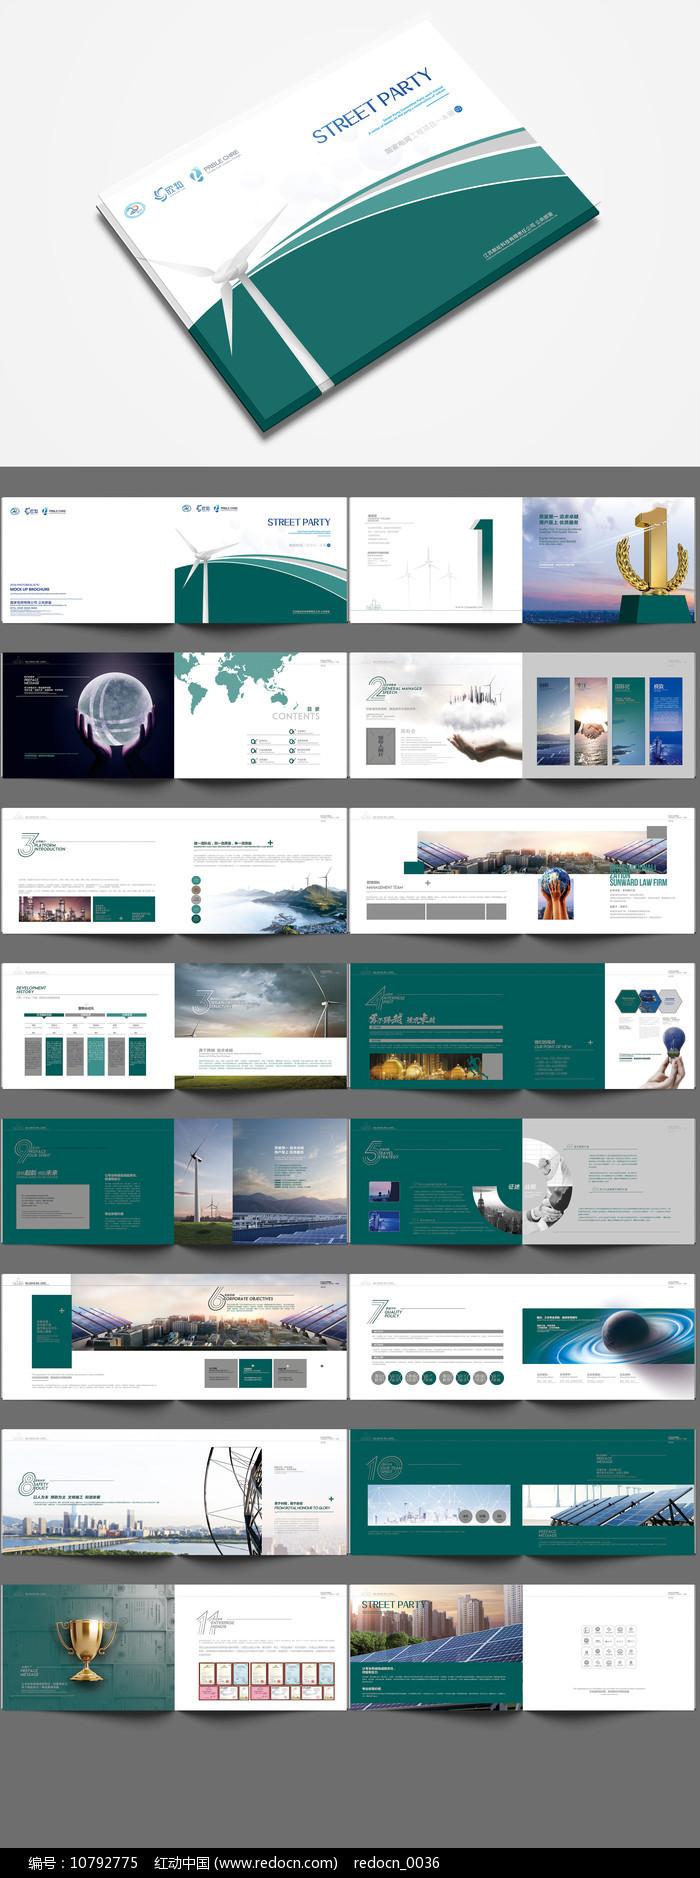 大气电网电力公司宣传画册设计图片